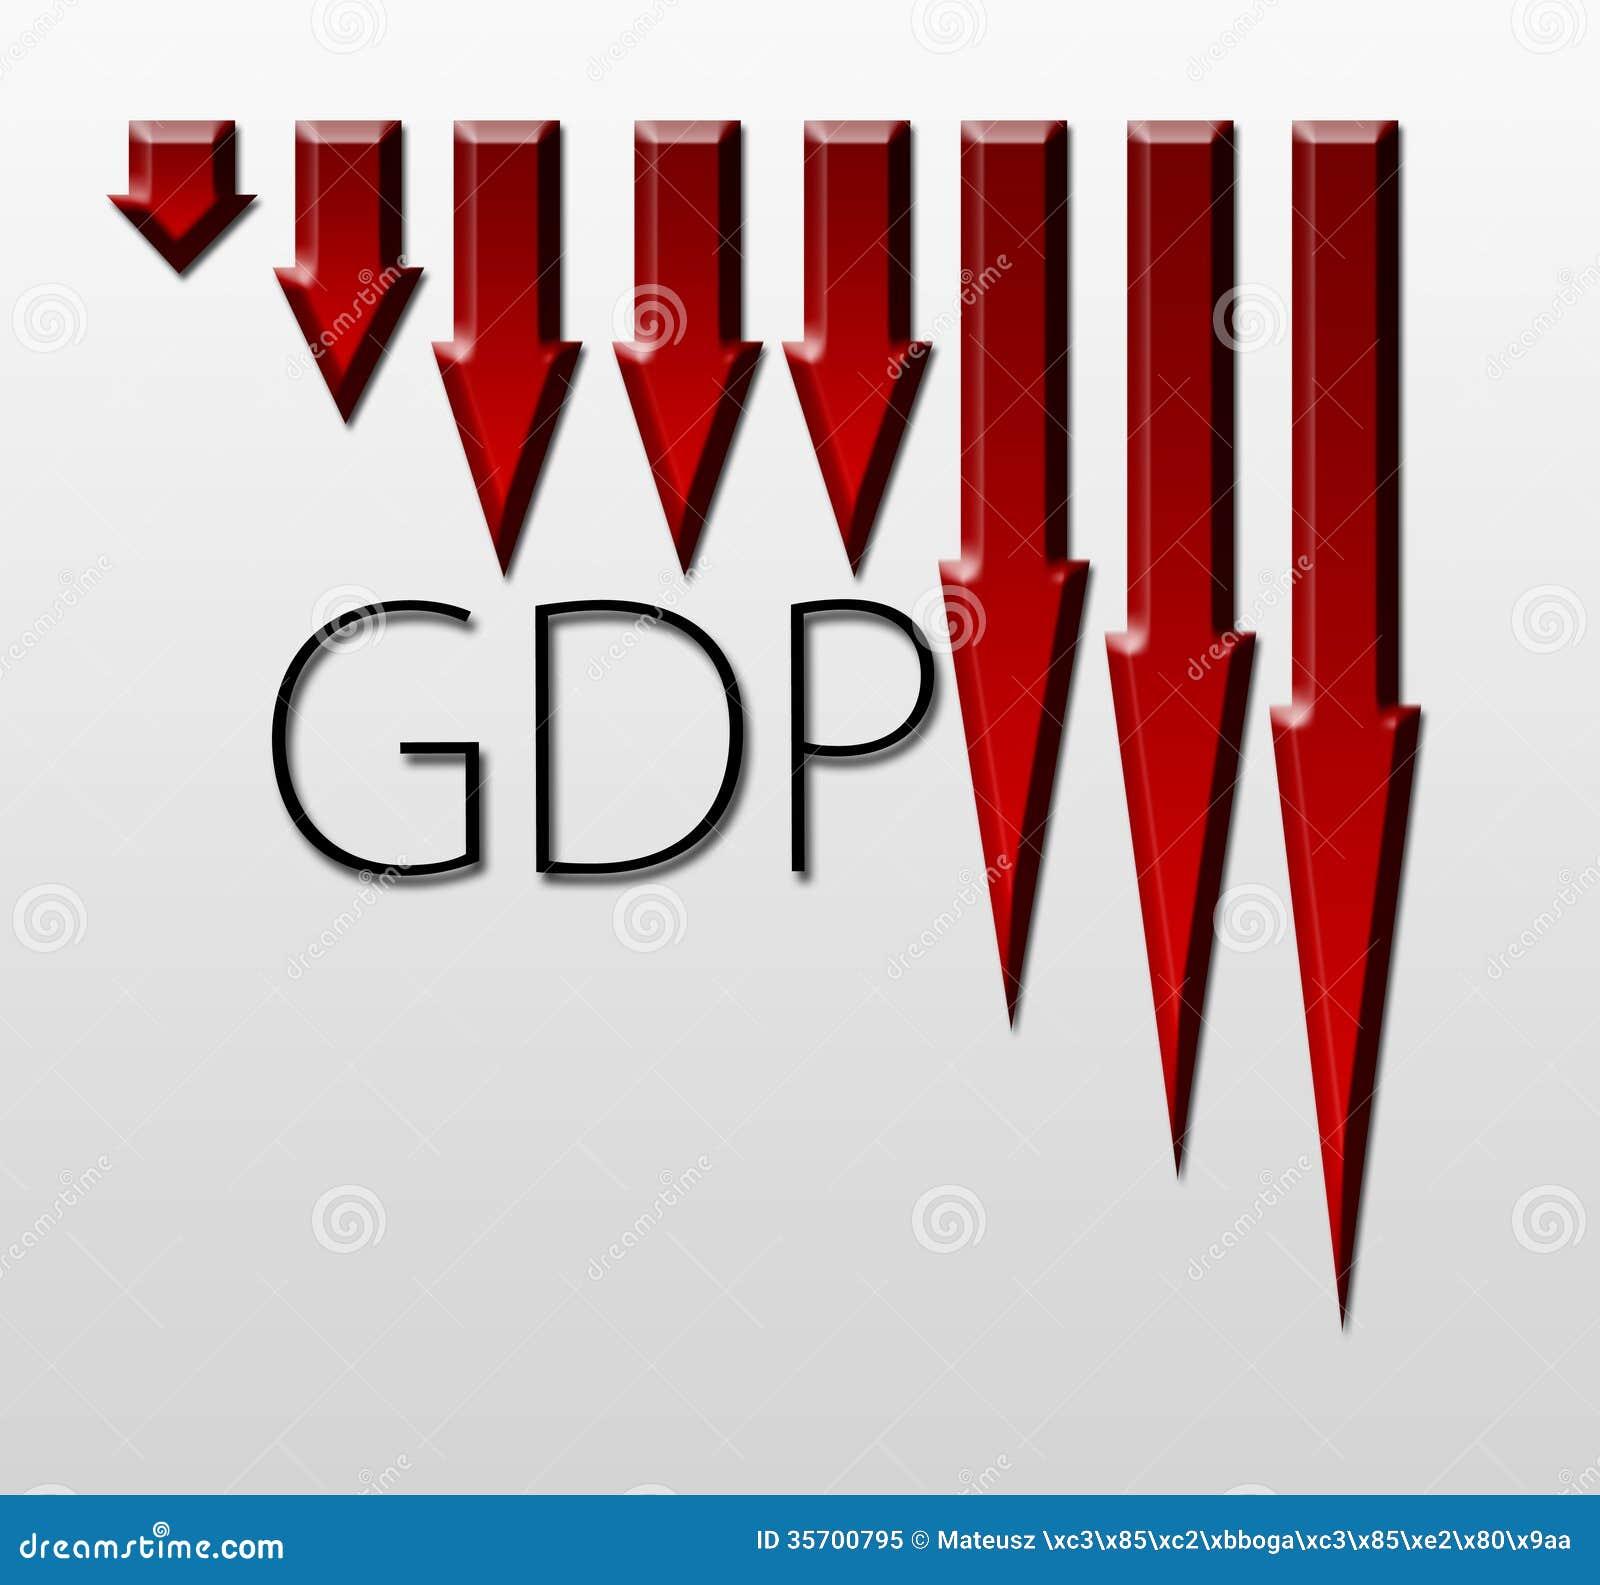 Составьте схему иллюстрировать падение ВВП, макроэкономическую концепцию индикатора